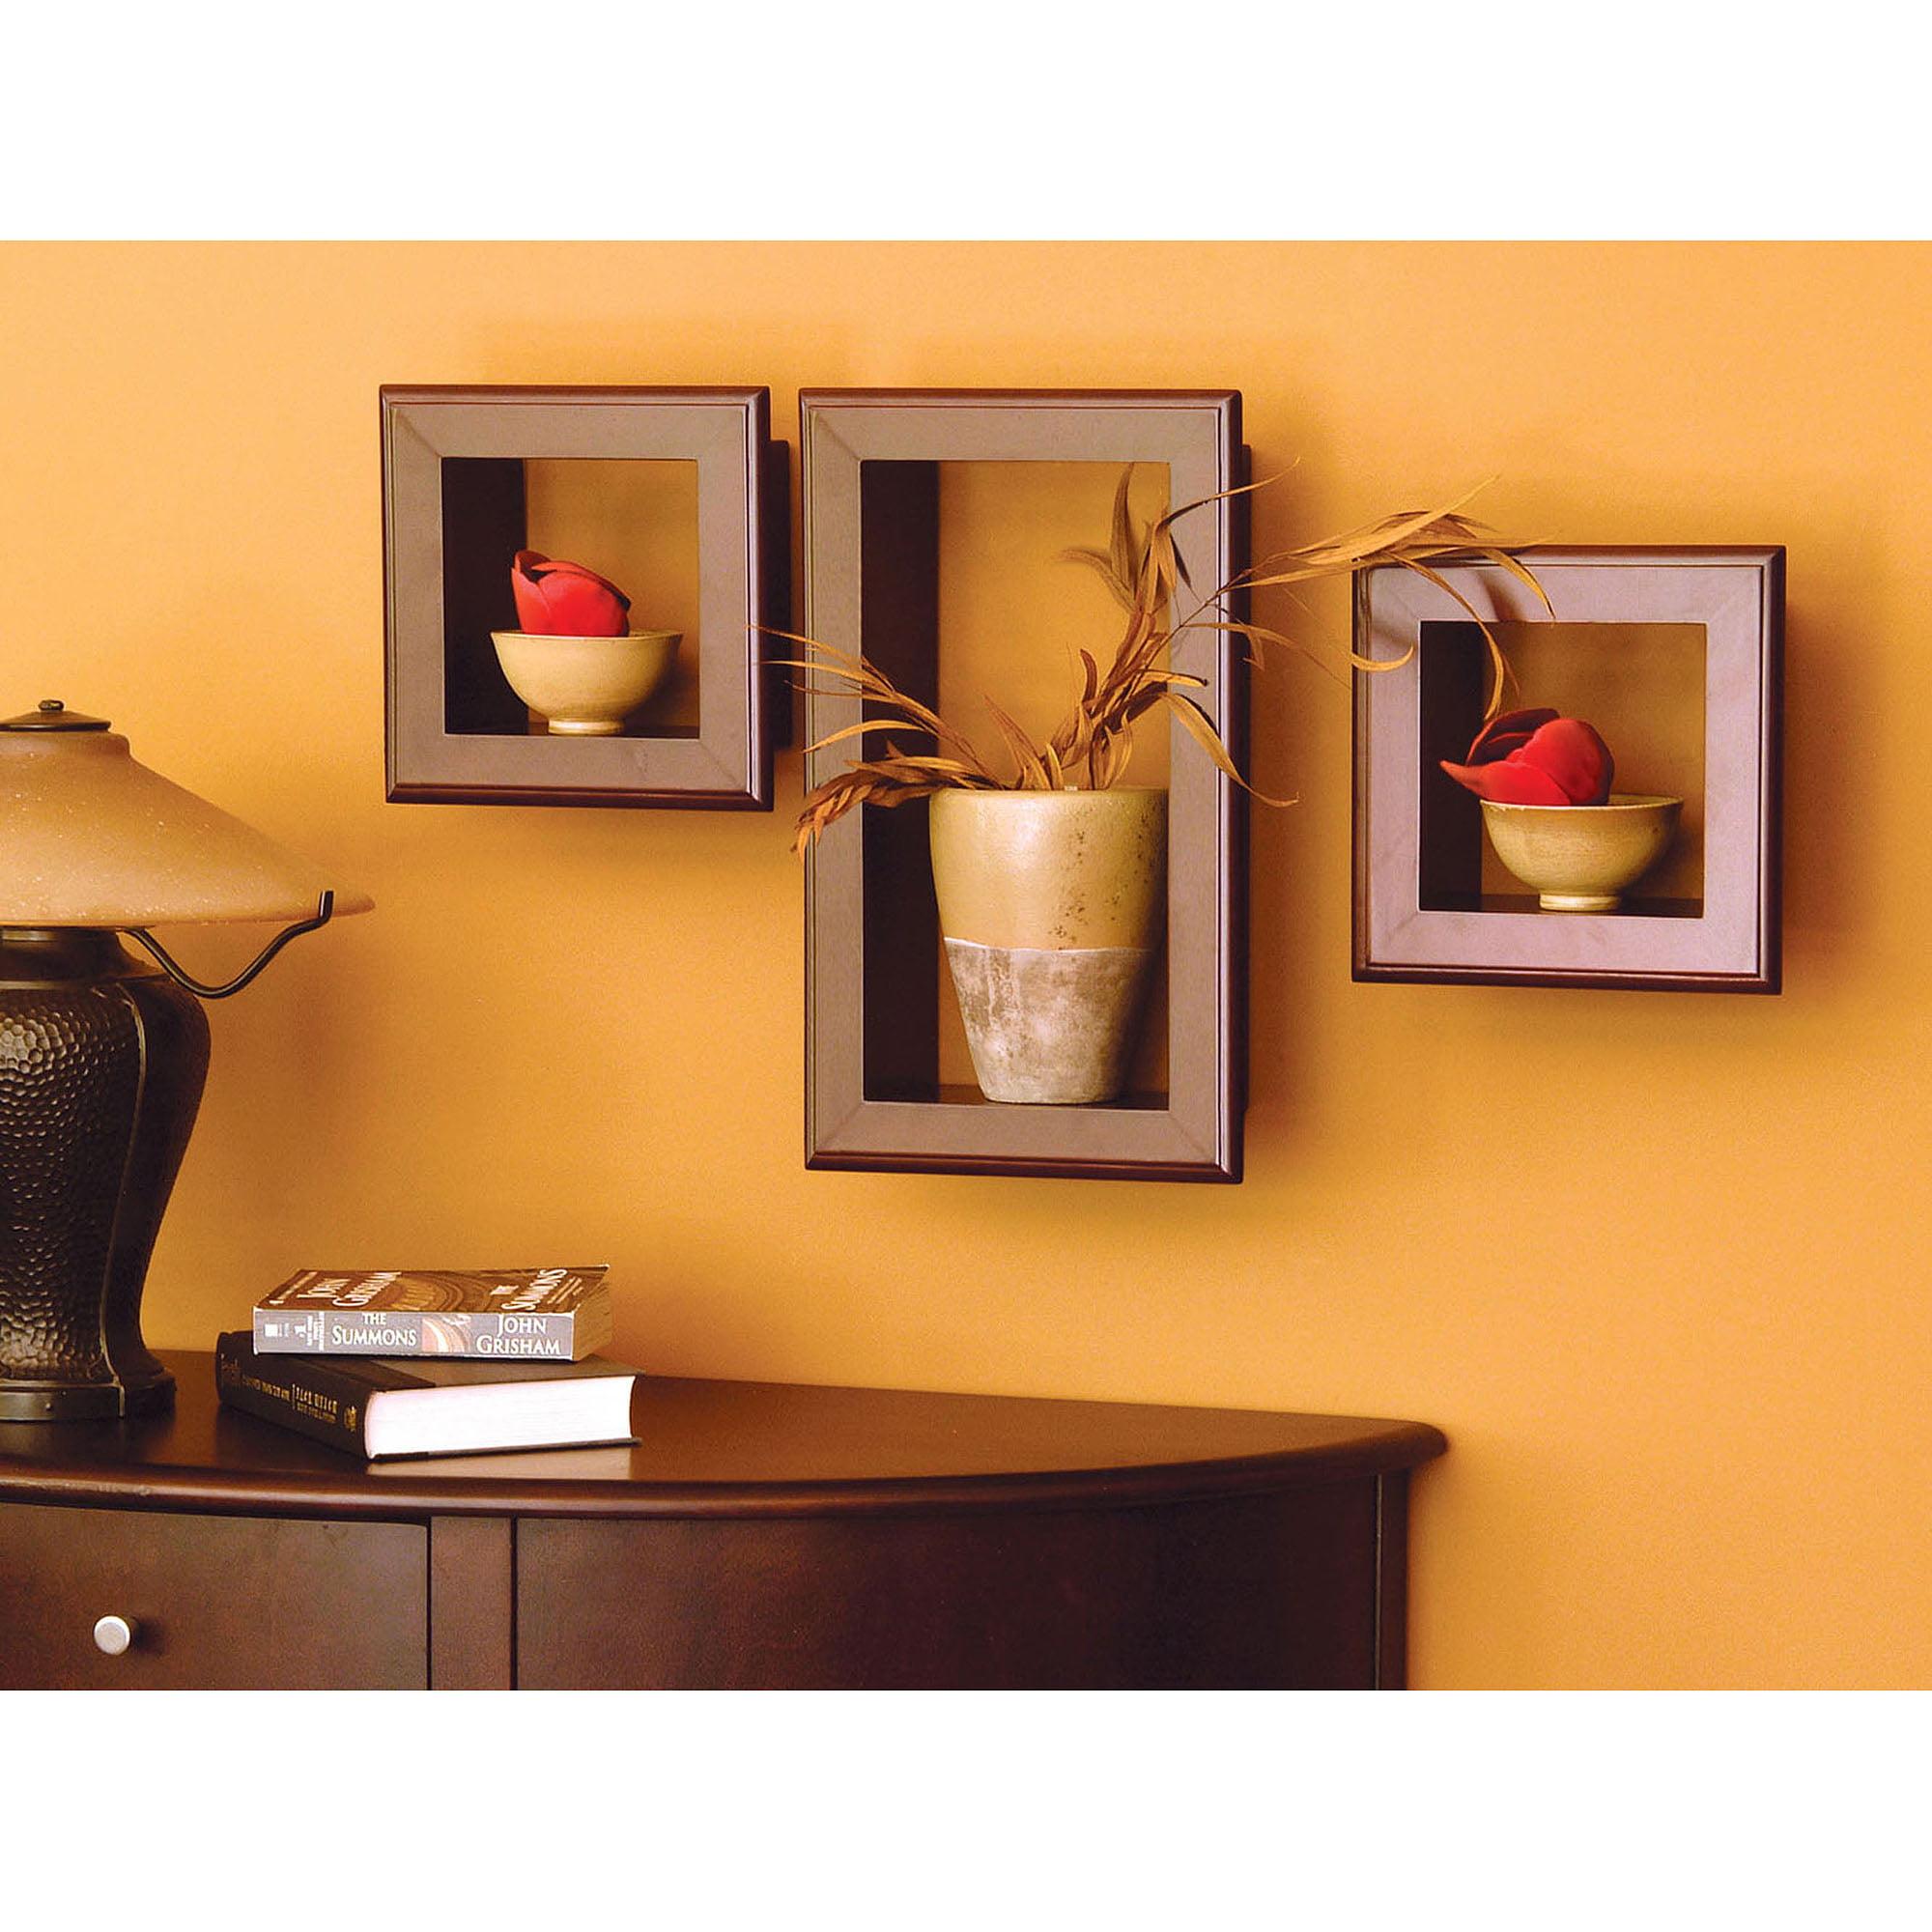 Kiera Grace Espresso Wall Mounted Framed Cubbie Shelves, Set of 3